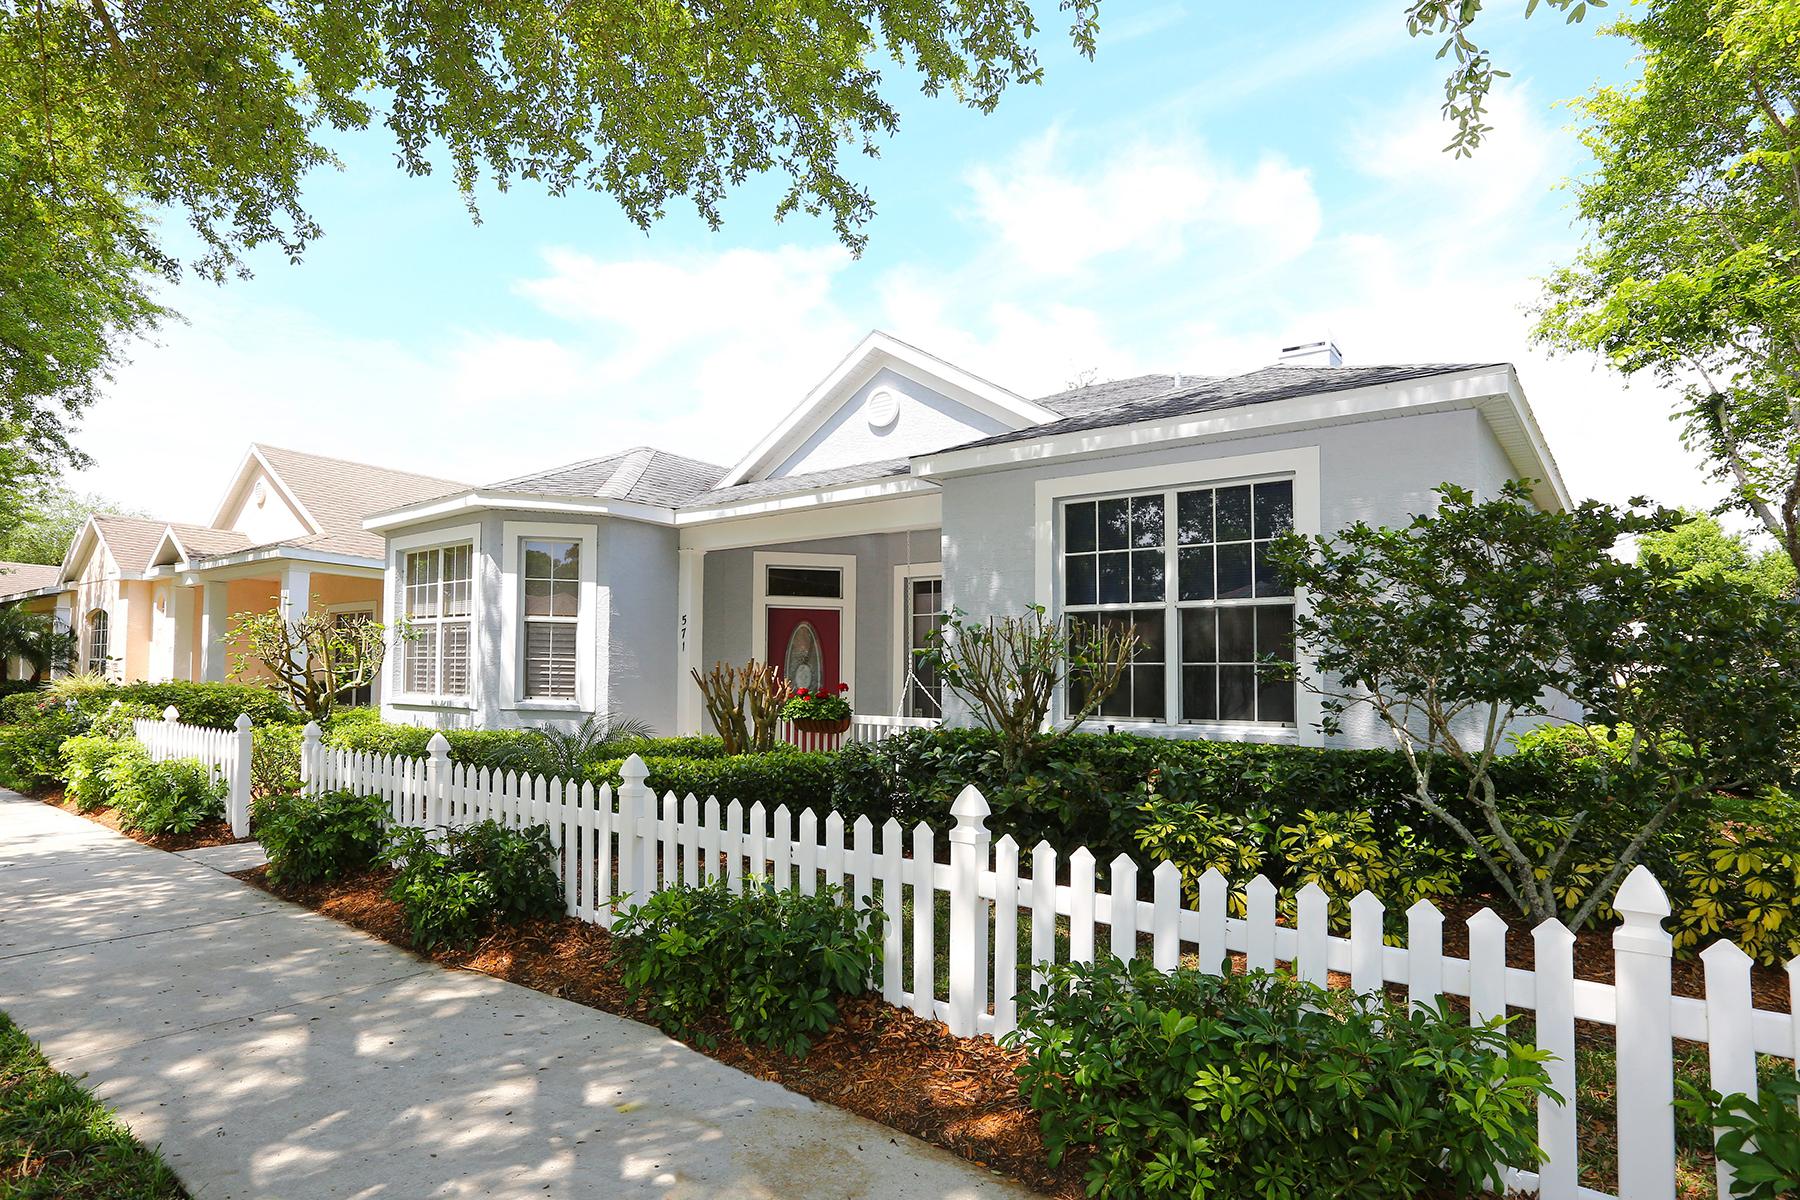 Maison unifamiliale pour l Vente à RIVENDELL THE WOODLANDS 571 Meadow Sweet Cir Osprey, Florida 34229 États-Unis